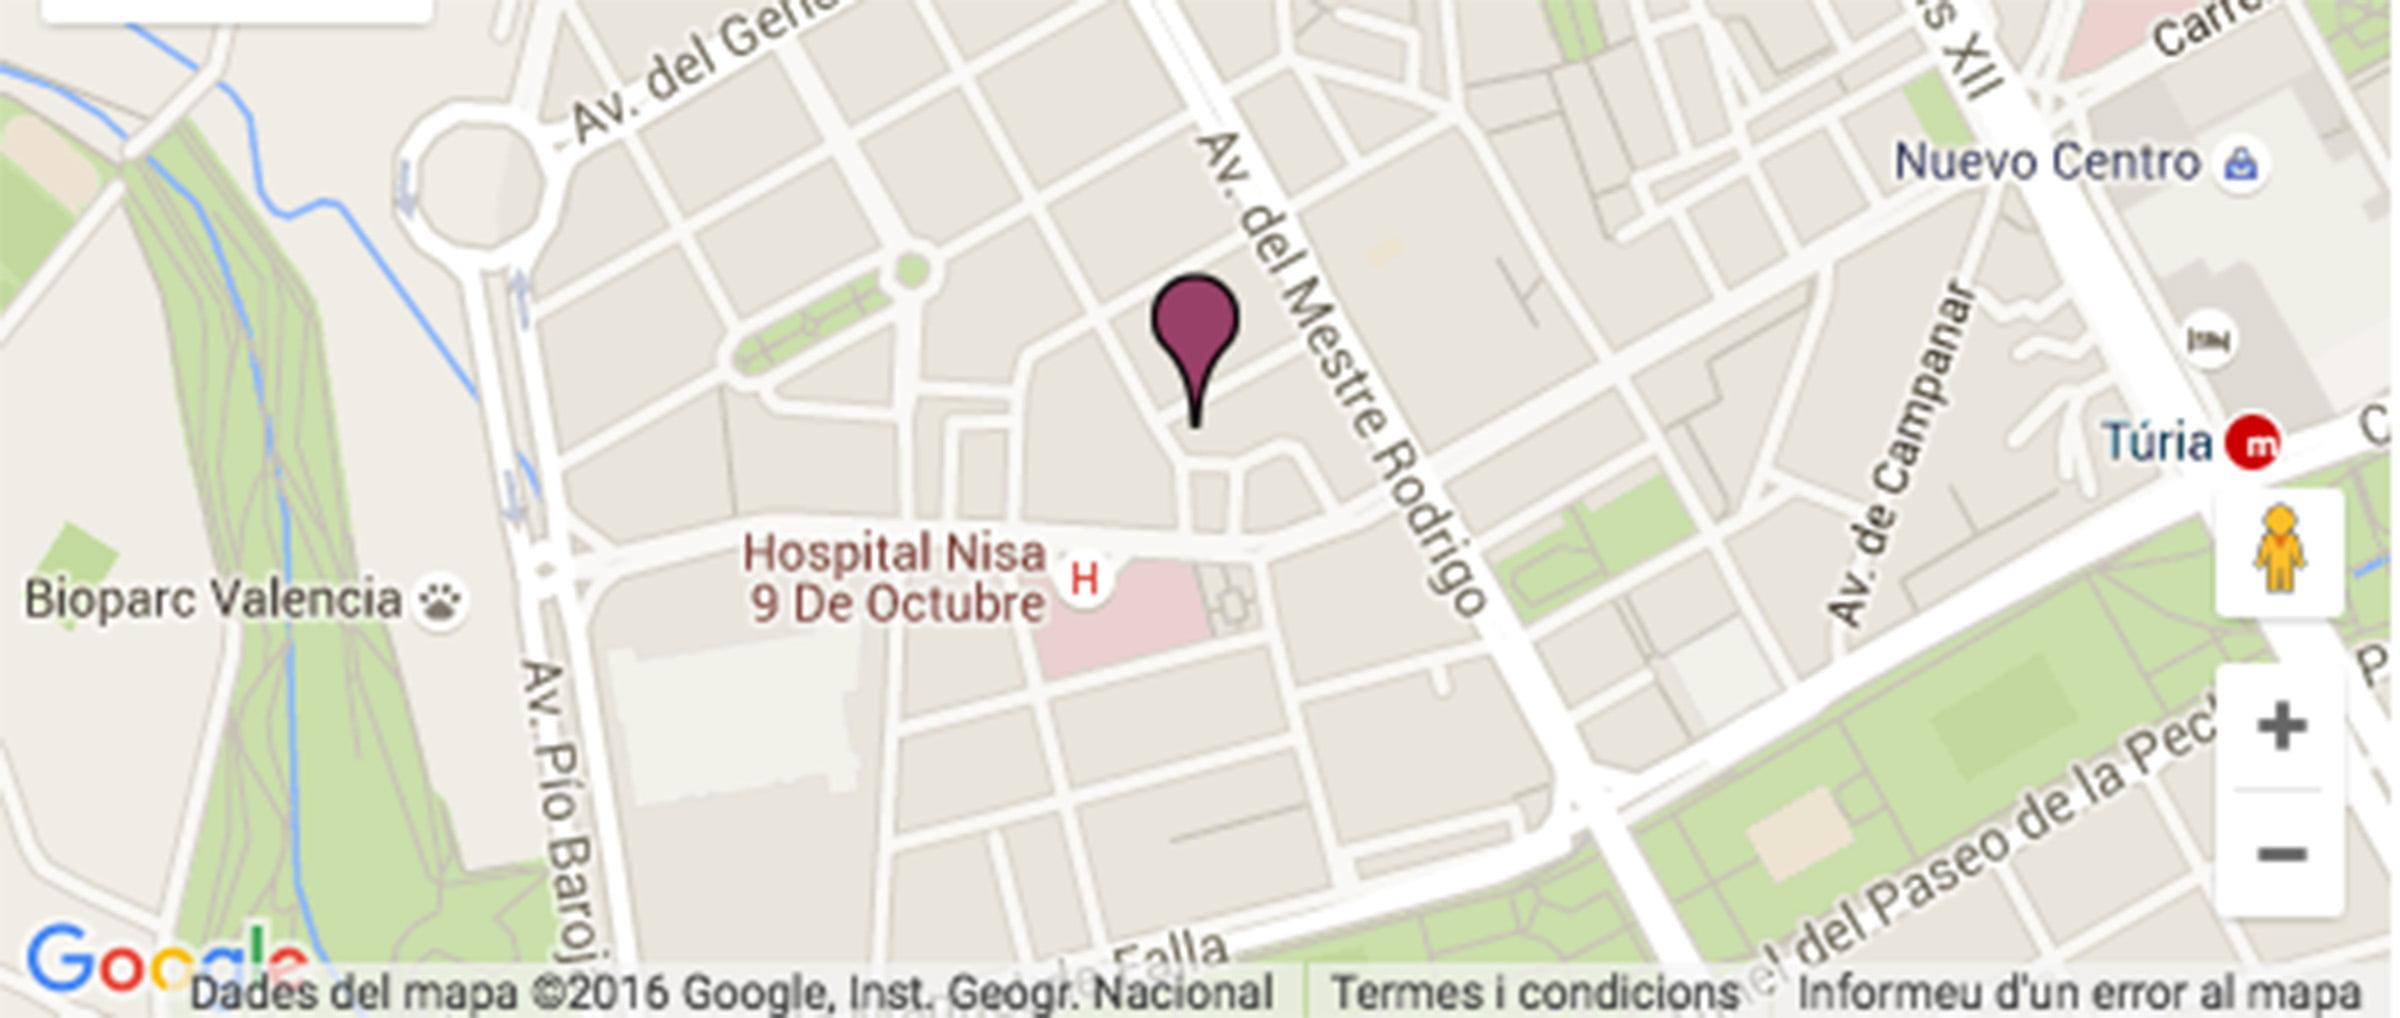 Clínicas de reproducción asistida en Valencia